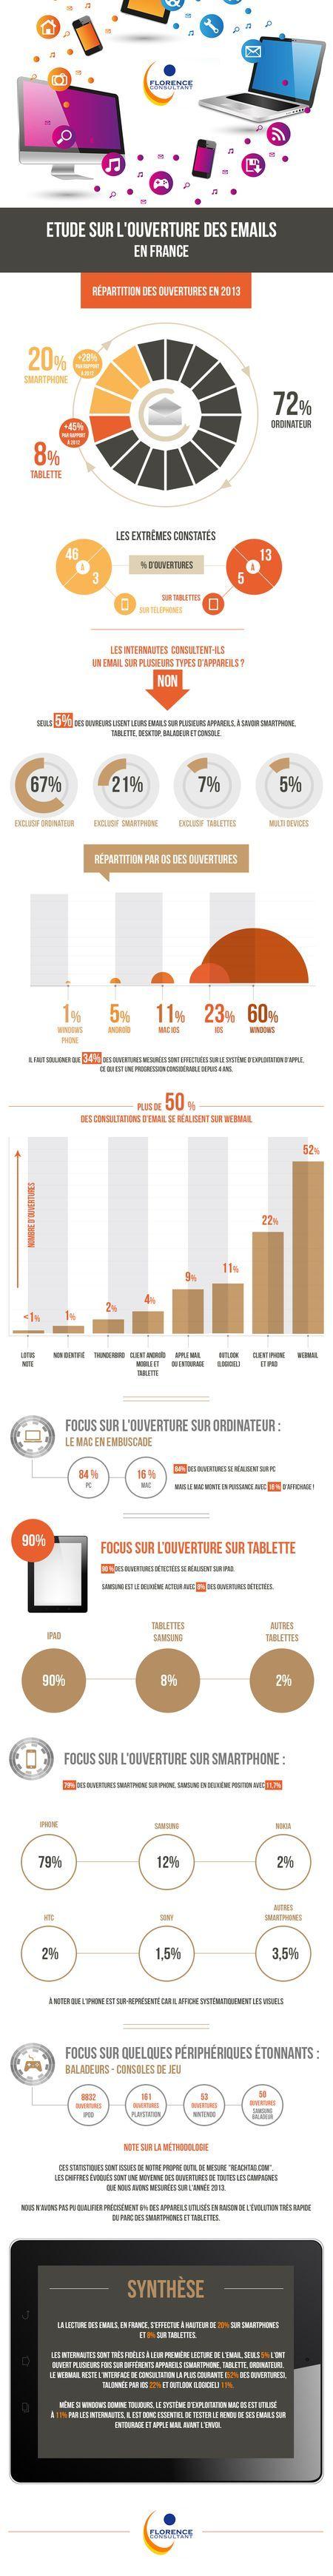 Ouverture des emails en France en 2014 : état des lieux